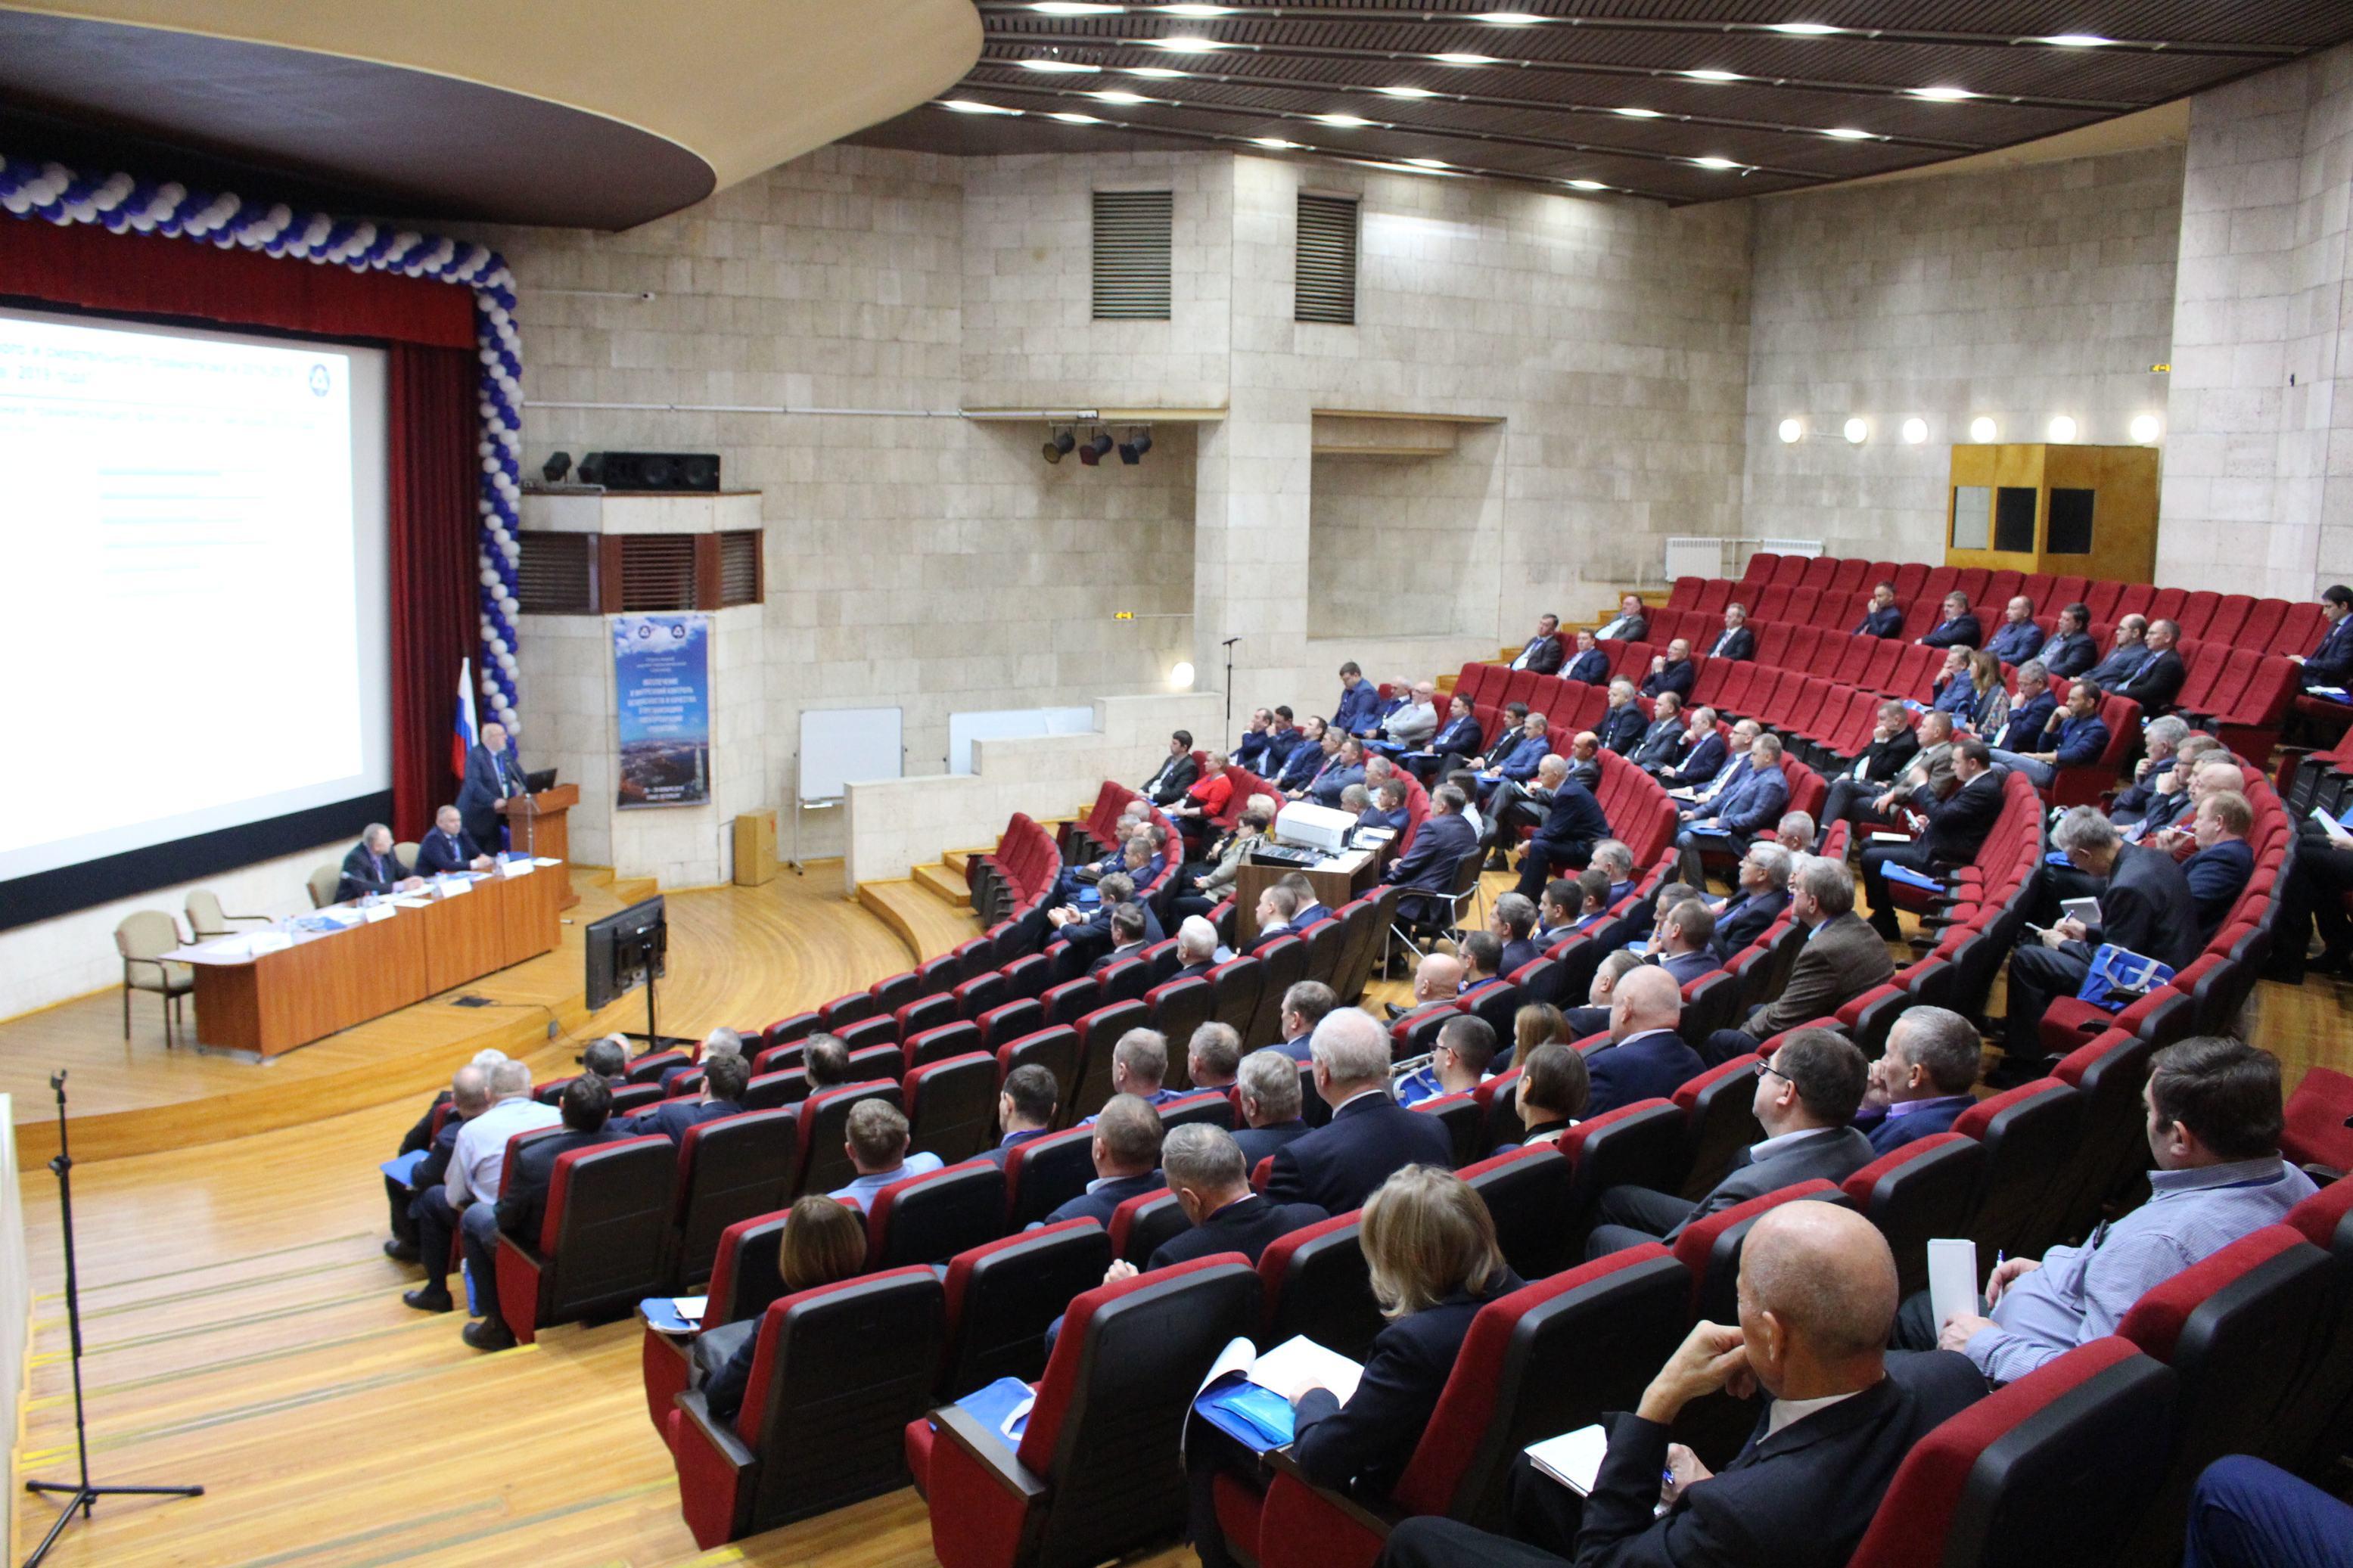 IV Научно-технический семинар «Проблемы переработки и кондиционирования радиоактивных отходов»